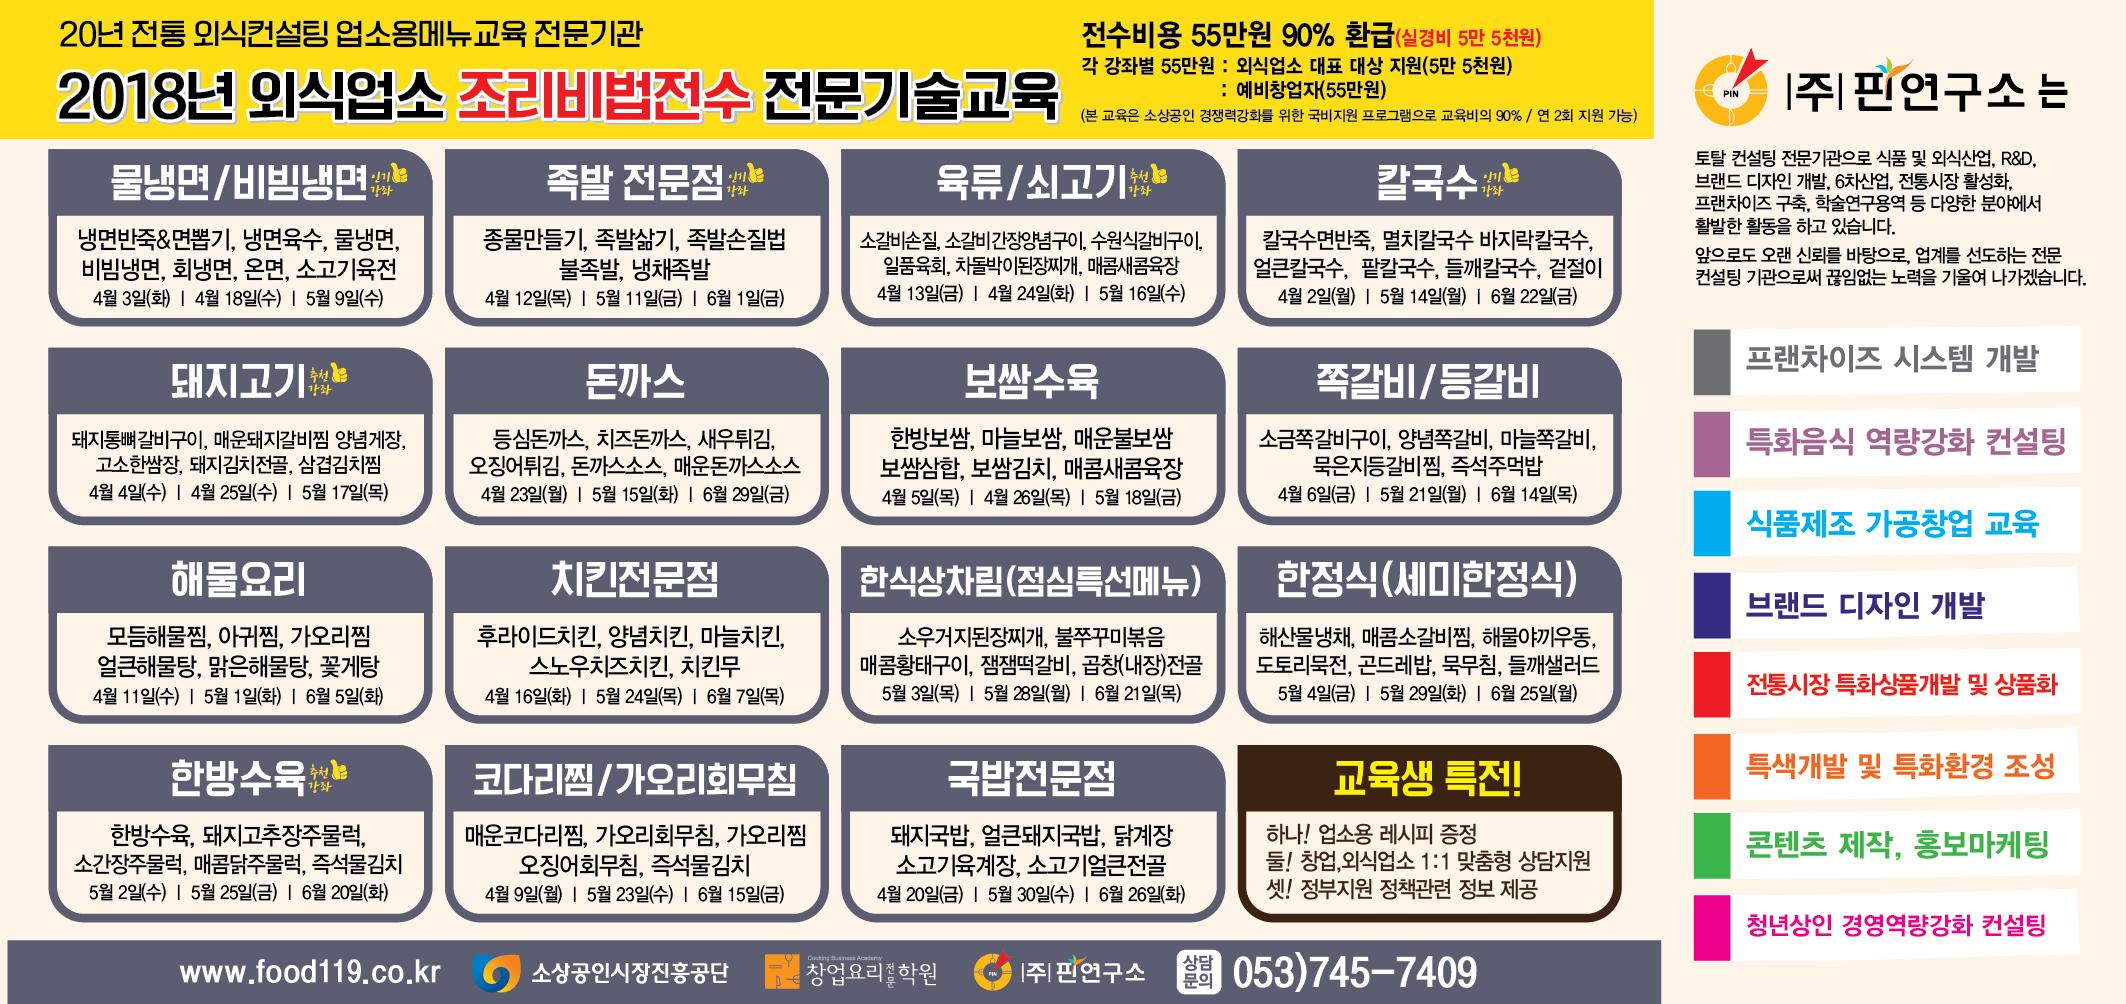 소상공인시장-외식업메뉴비법전수(5단신문광고)-01.jpg